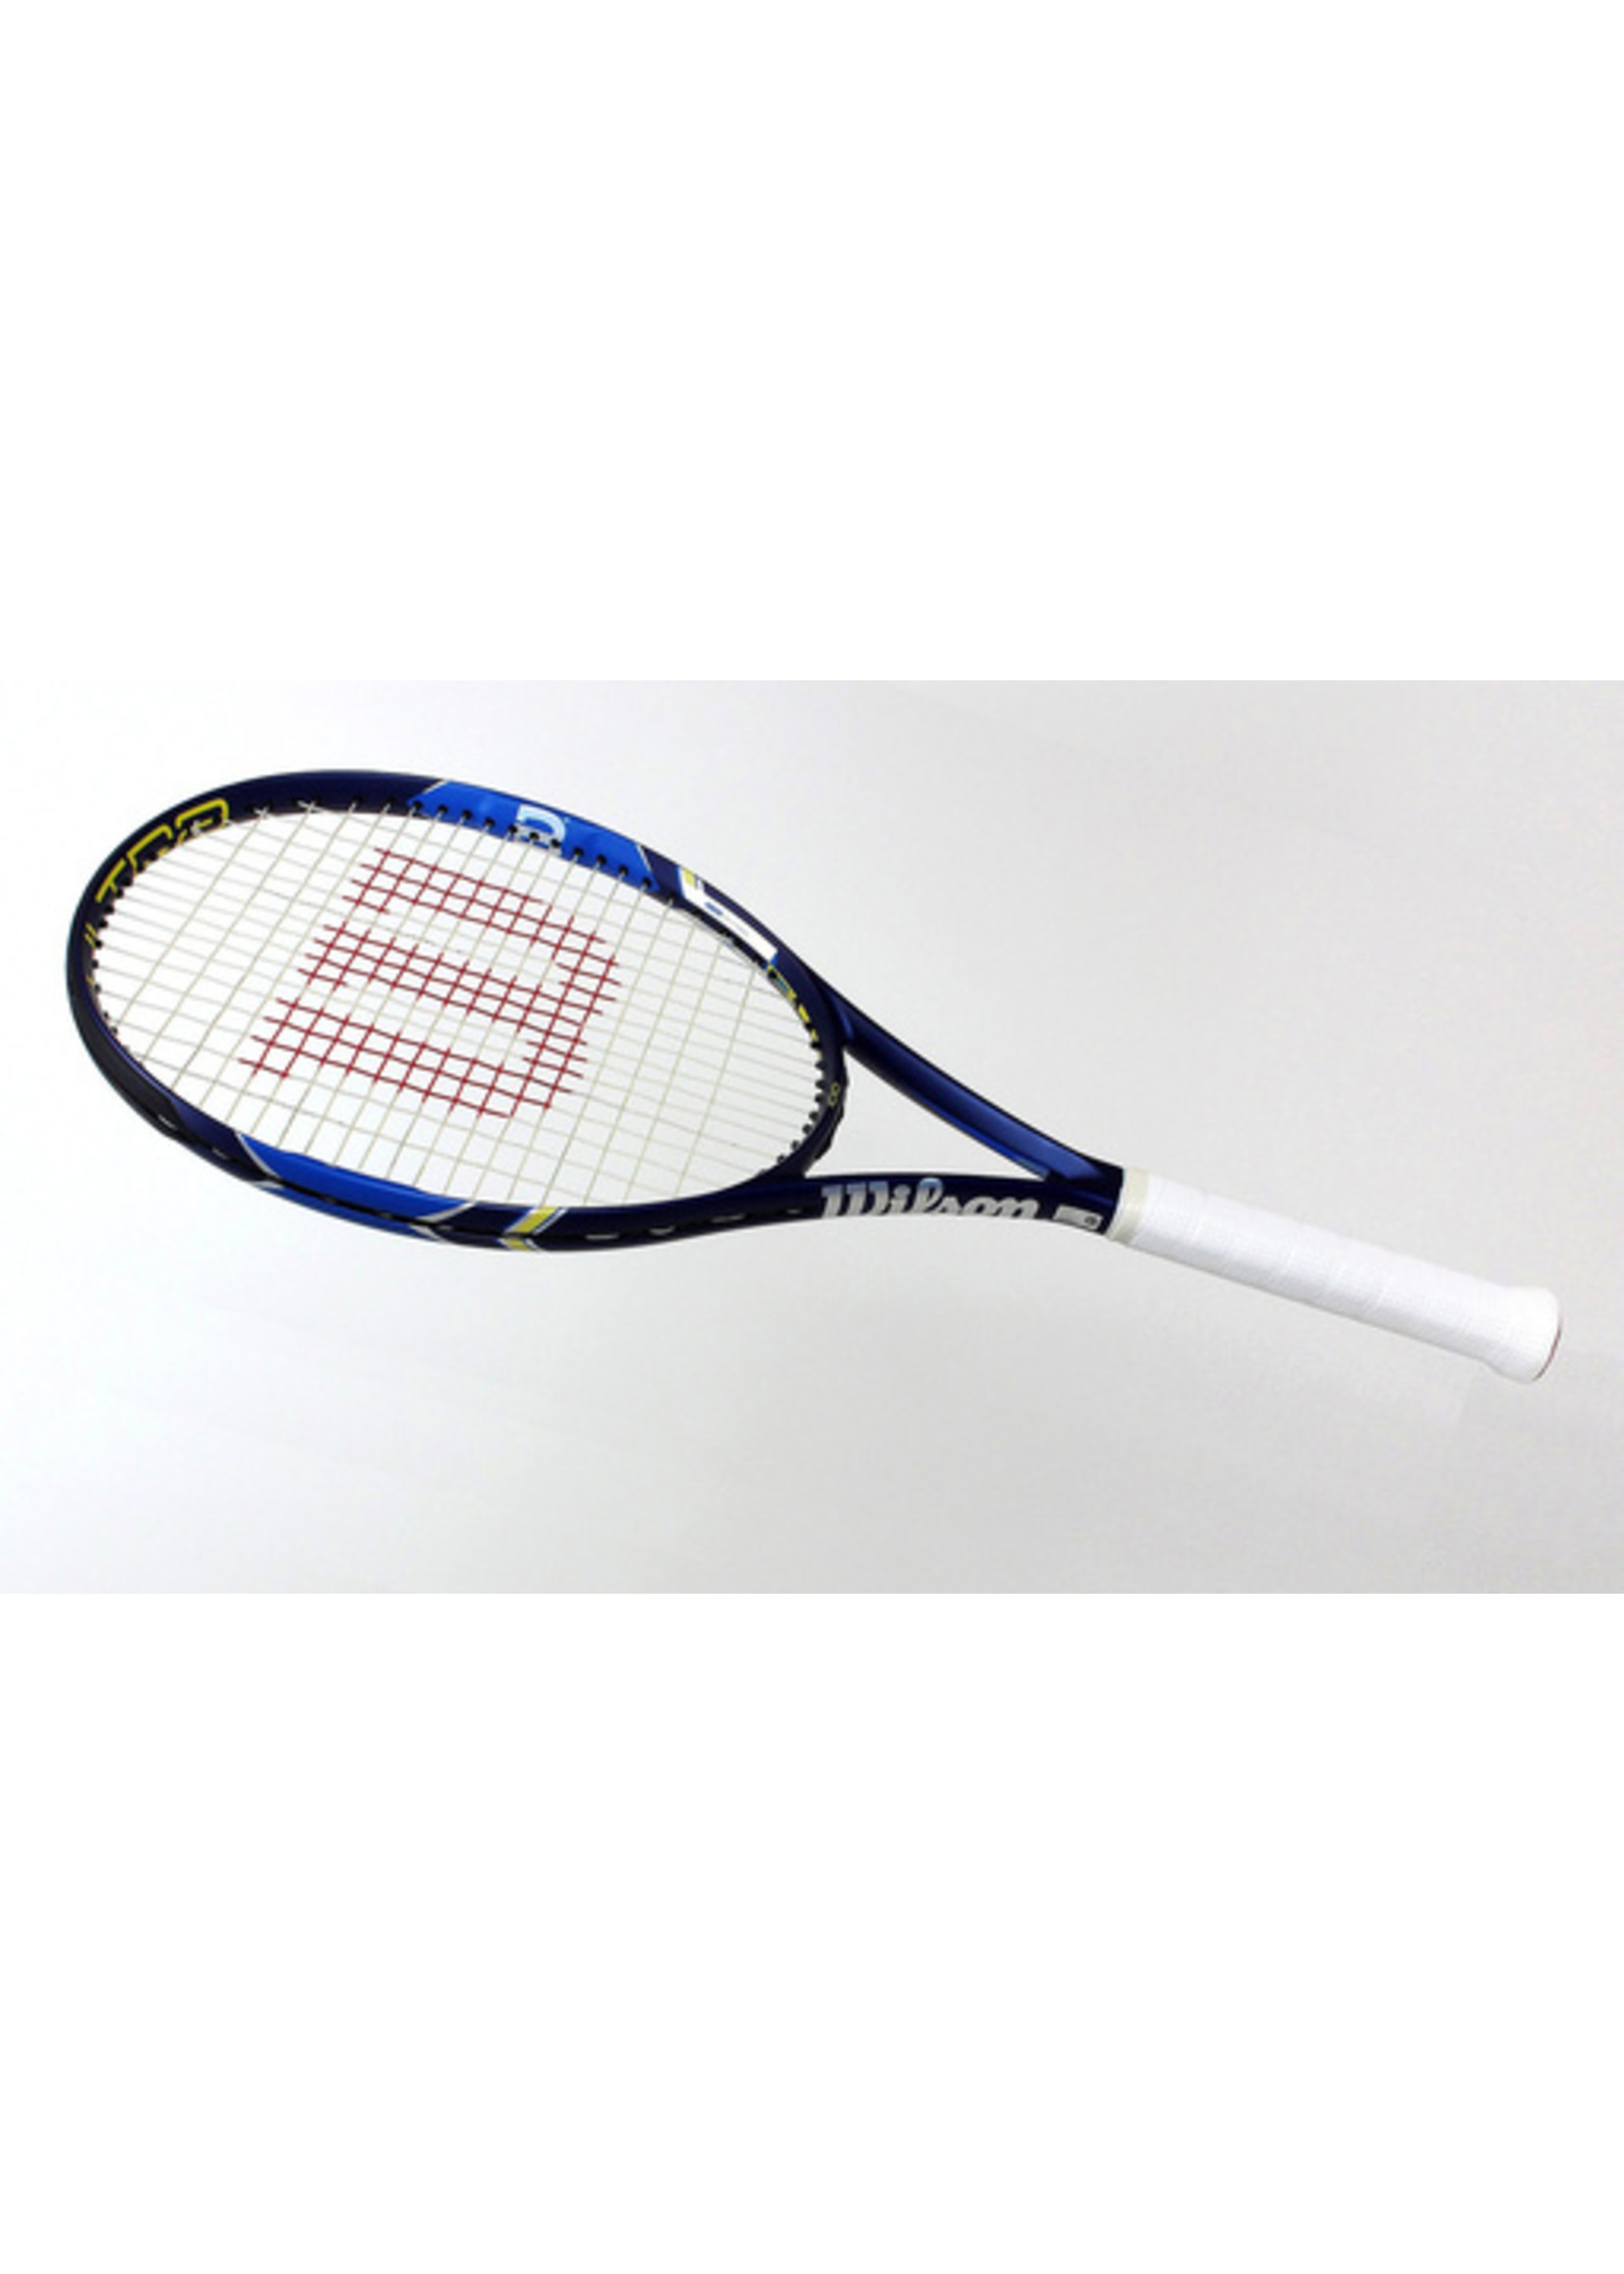 Wilson Wilson Ultra 100 Tennis Racket Navy/Blue G1